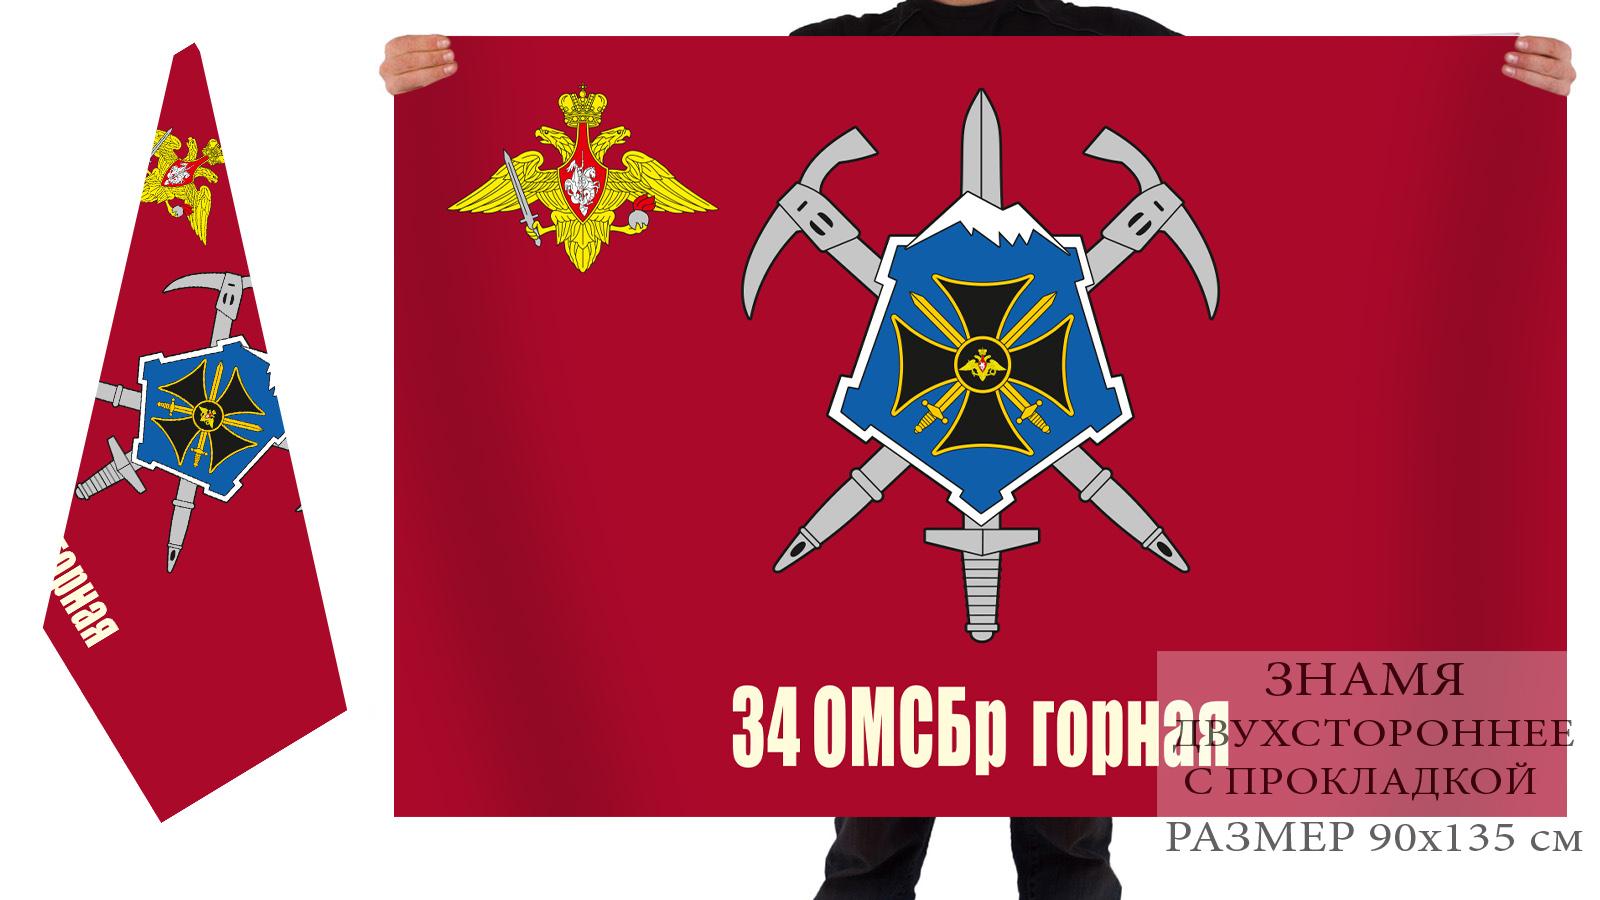 Двусторонний флаг 34 горной ОМСБр